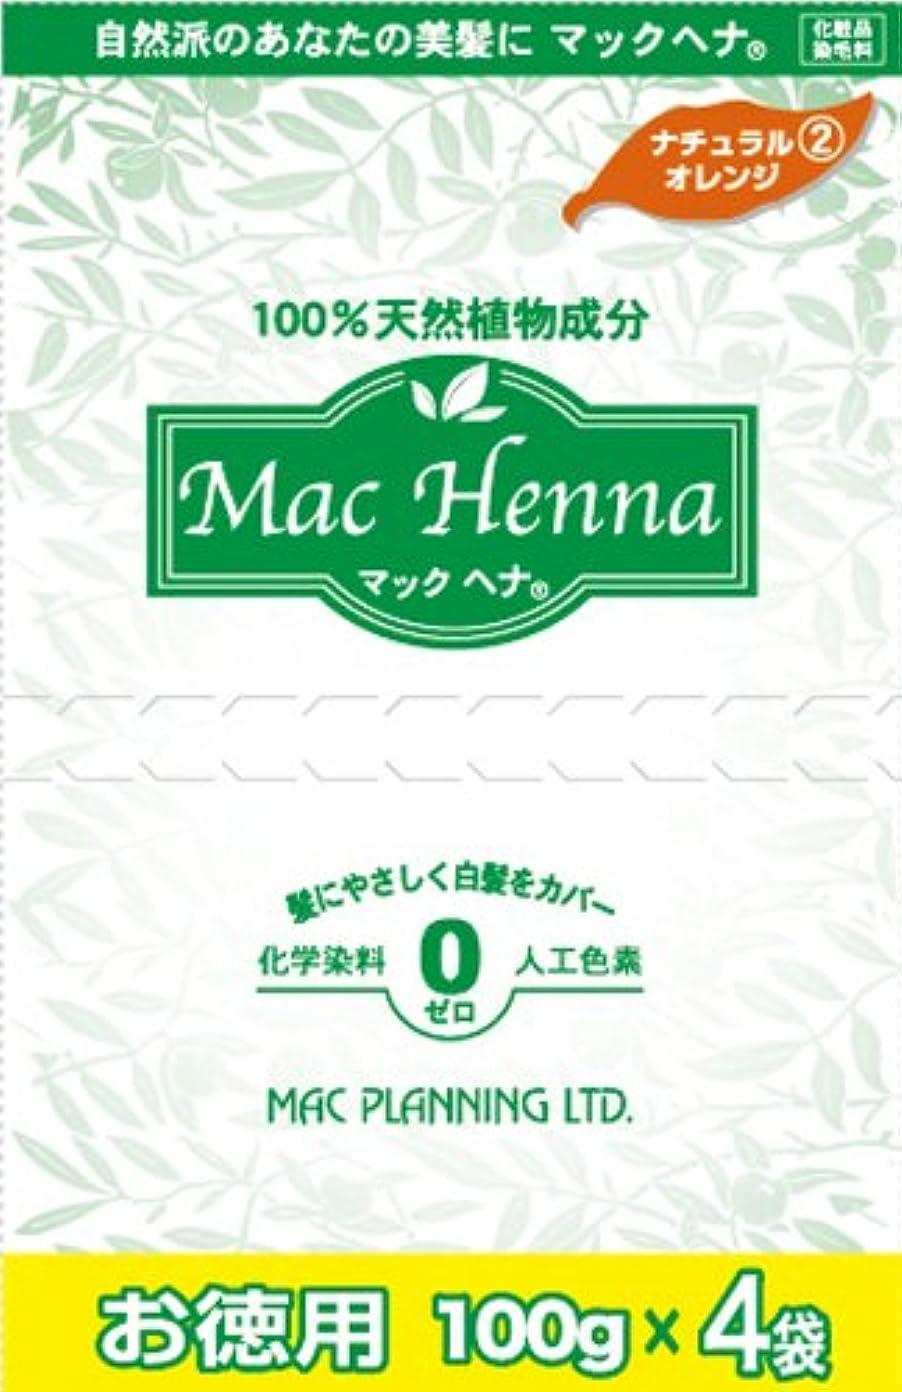 キャプテンブライ錆び手がかり天然植物原料100% 無添加 マックヘナ お徳用(ナチュラルオレンジ)-2  400g(100g×4袋) 2箱セット